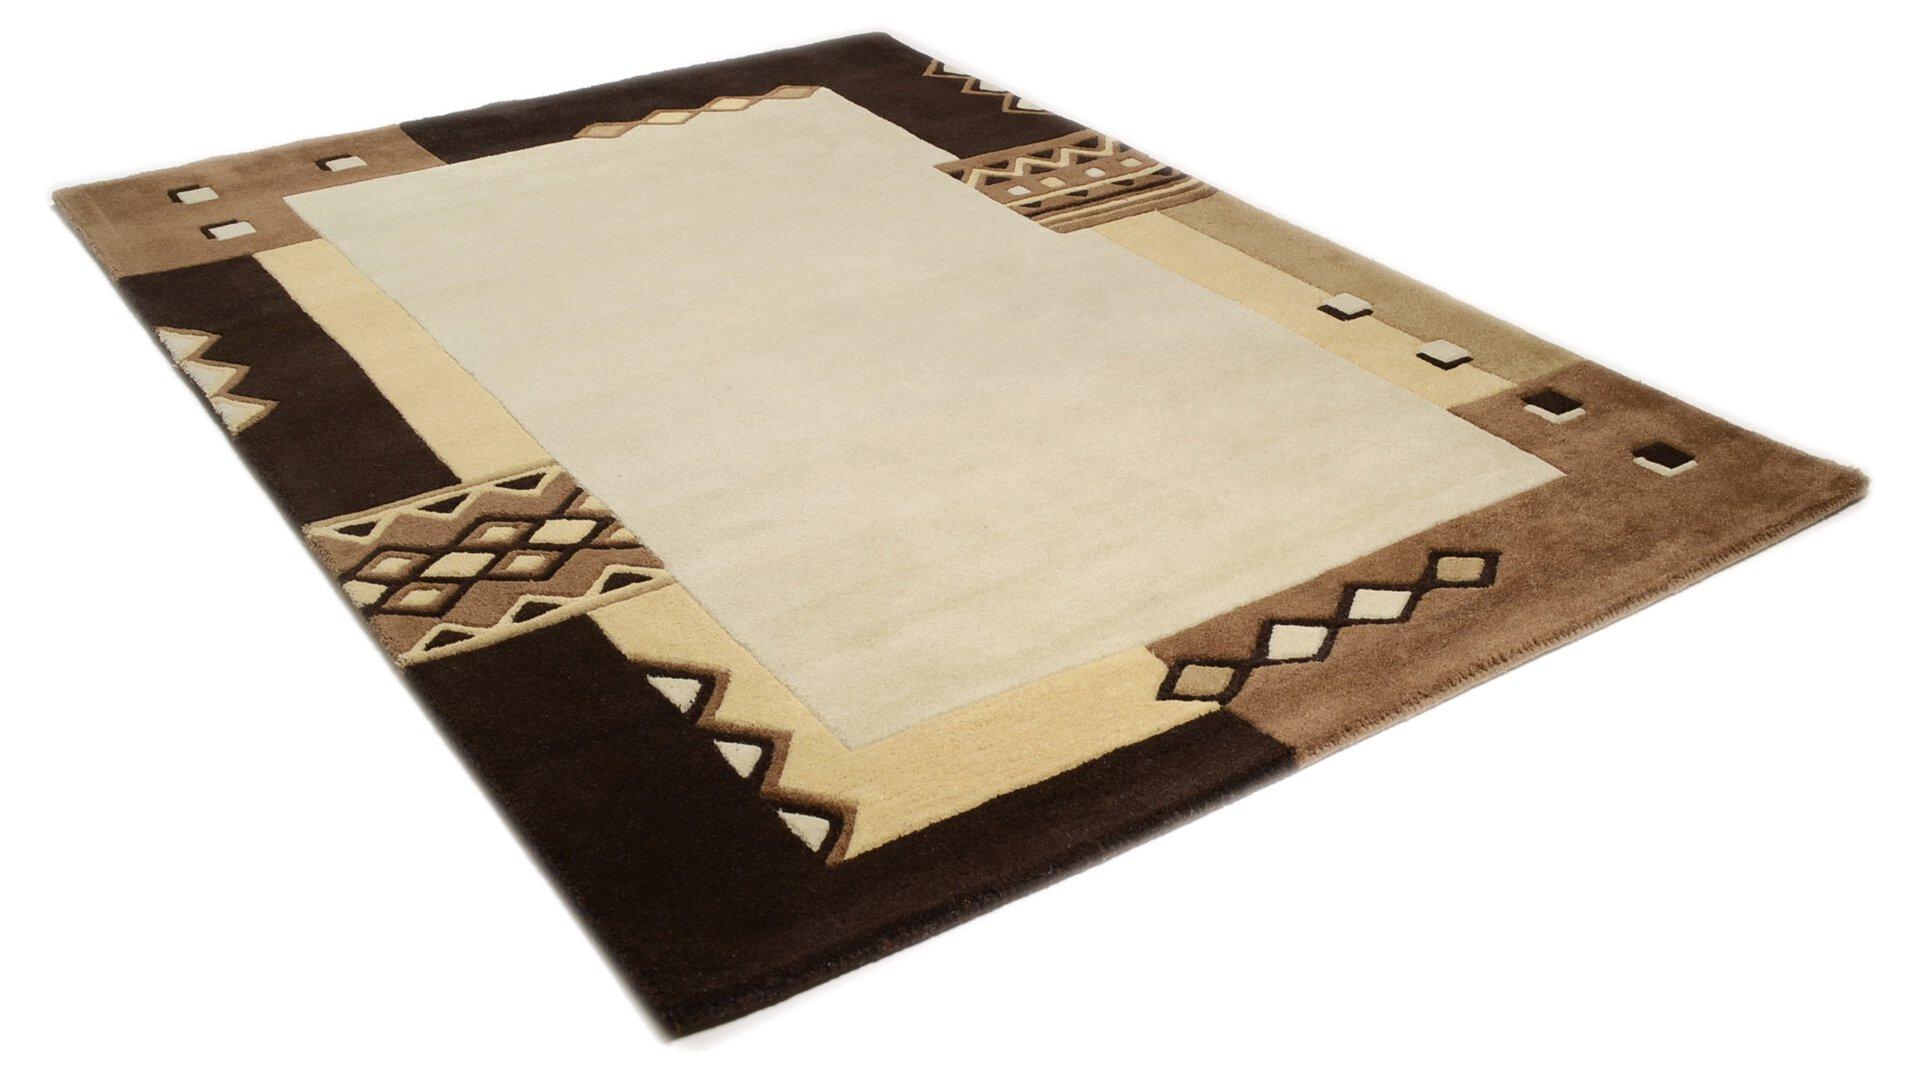 Handtuftteppich Florida Theko Textil braun